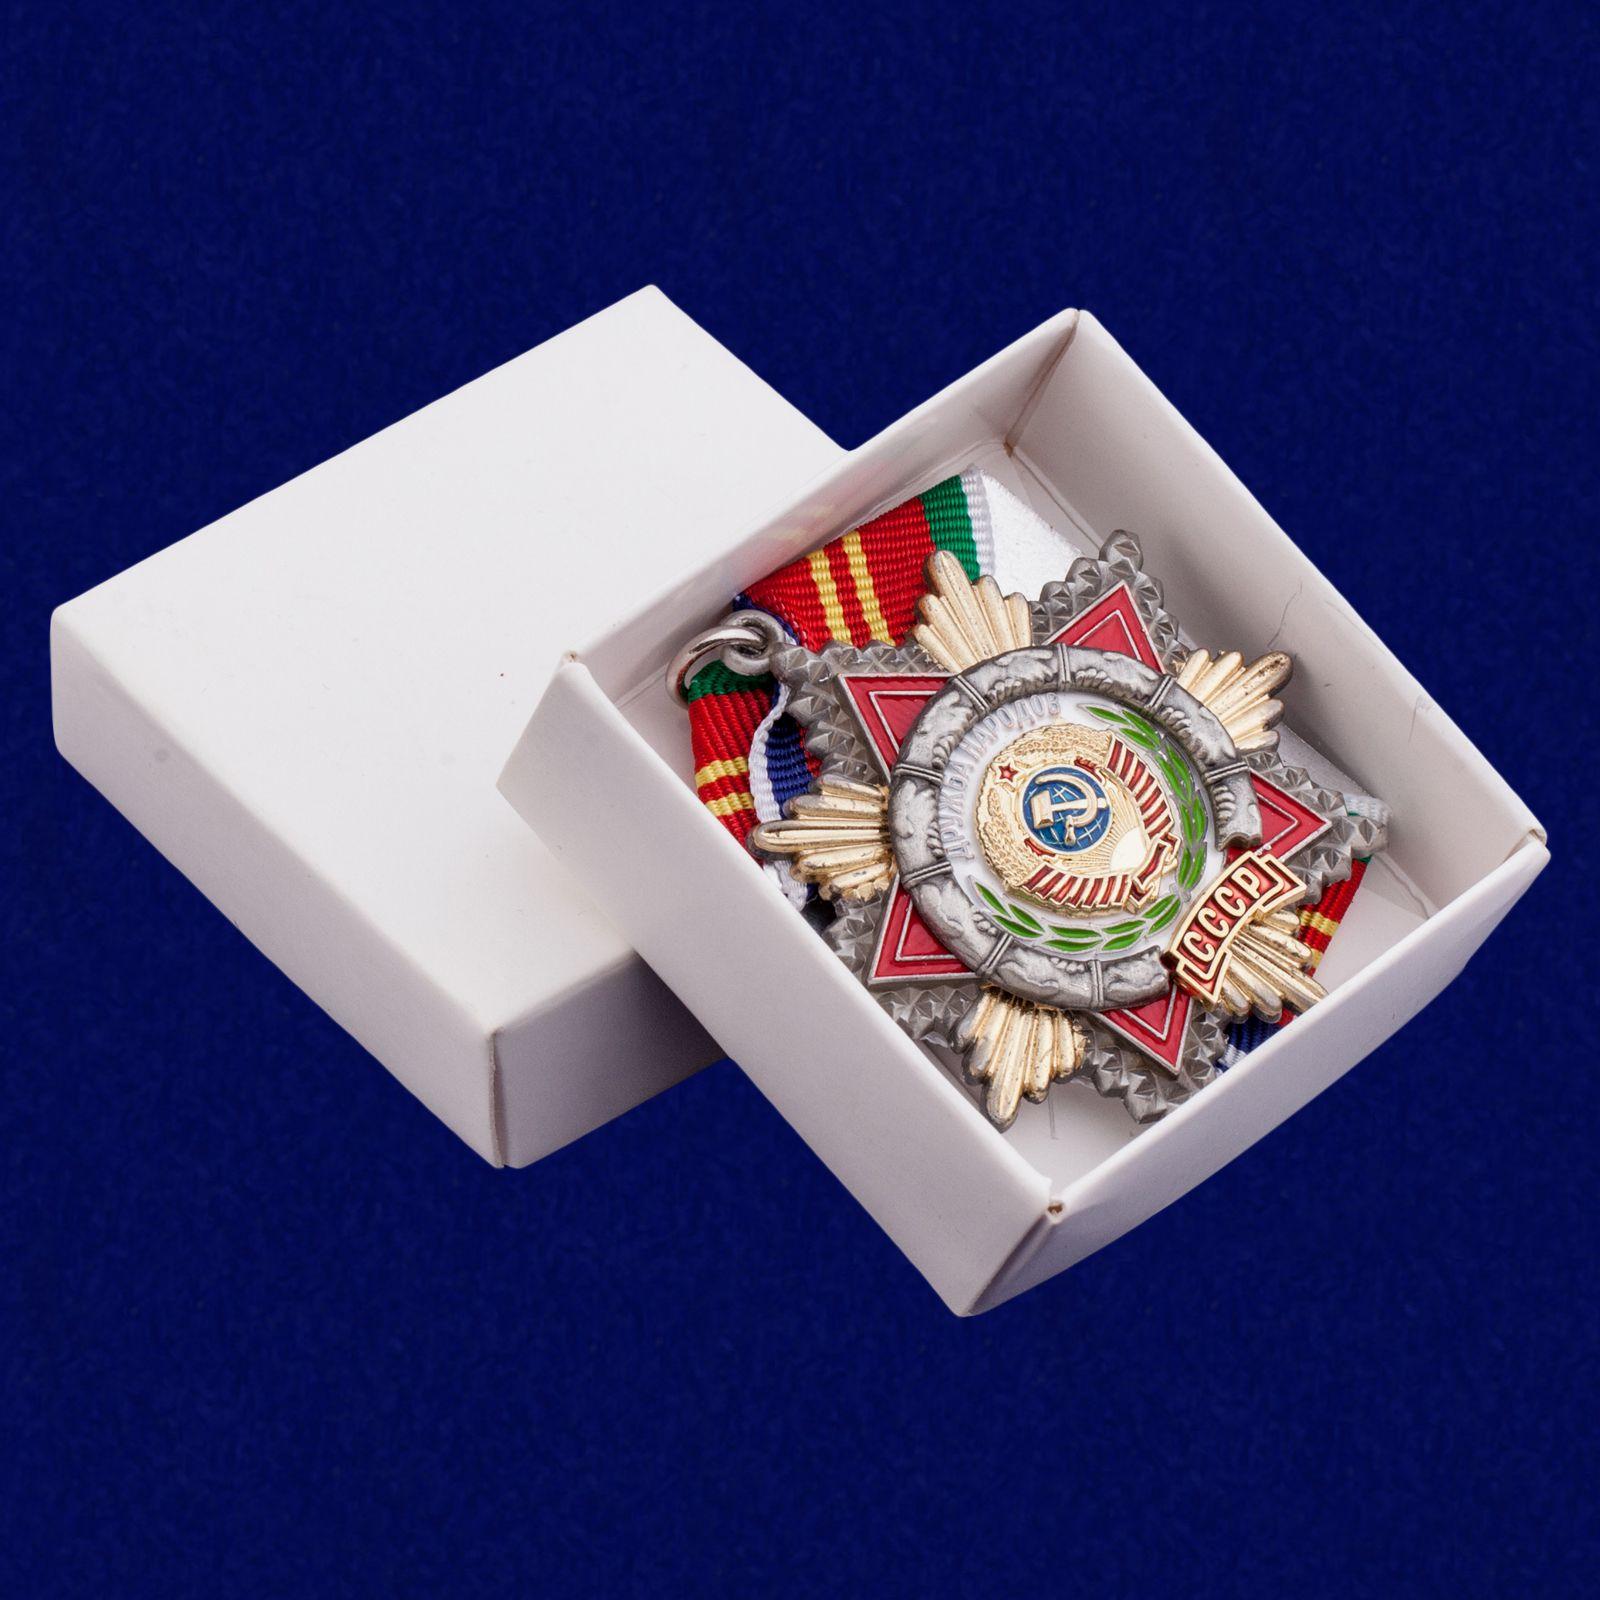 Муляж ордена Дружбы народов СССР с доставкой